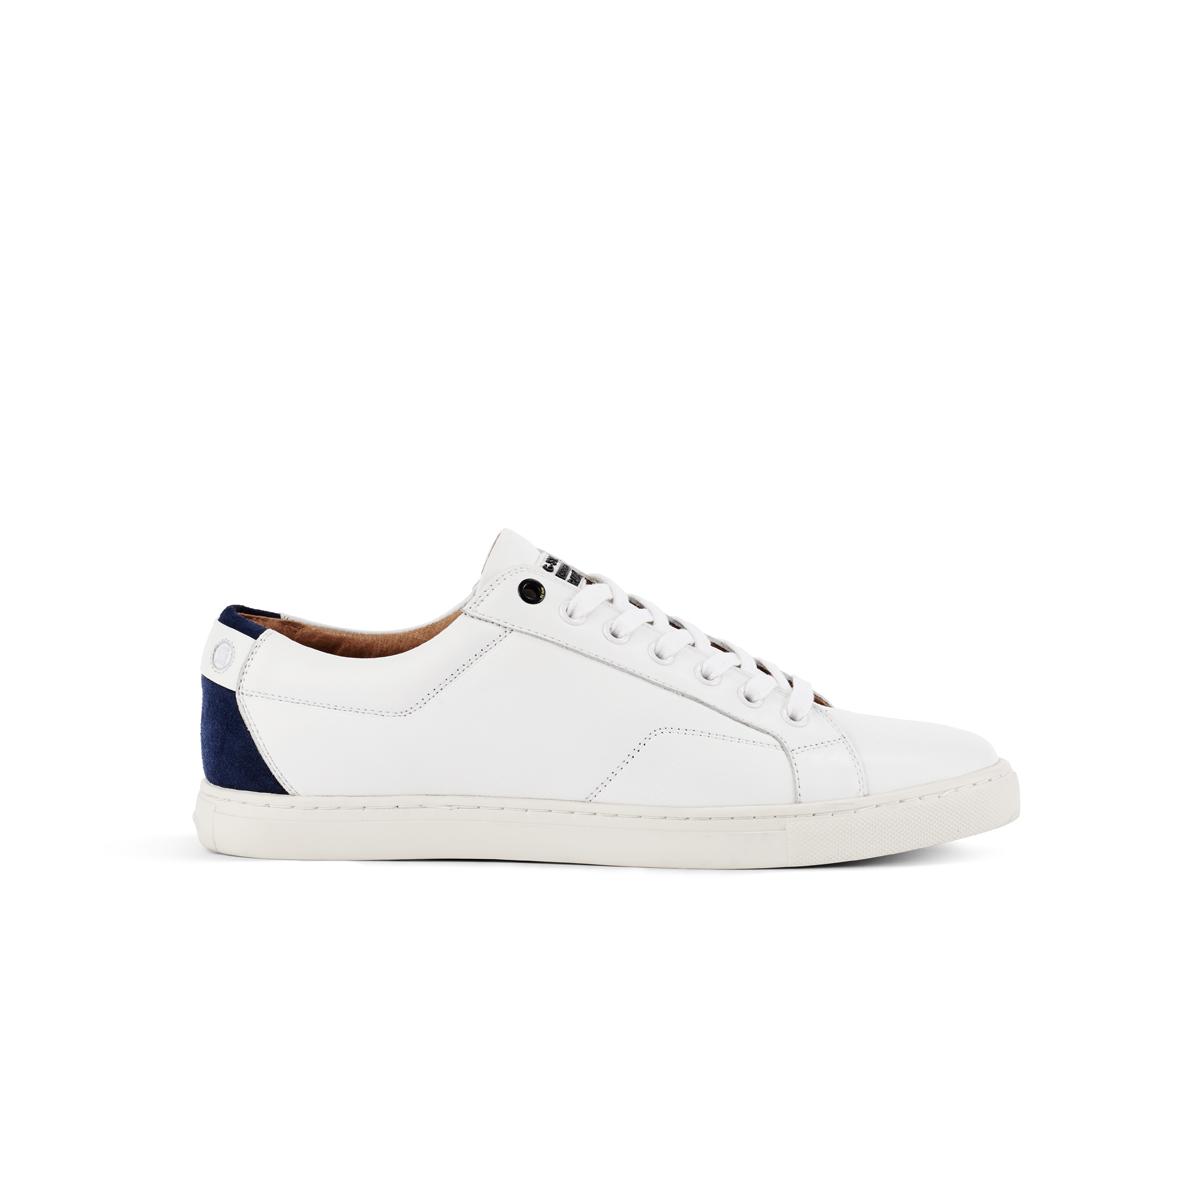 7f882326edf3 Swag Craze  First Look  G-STAR Footwear